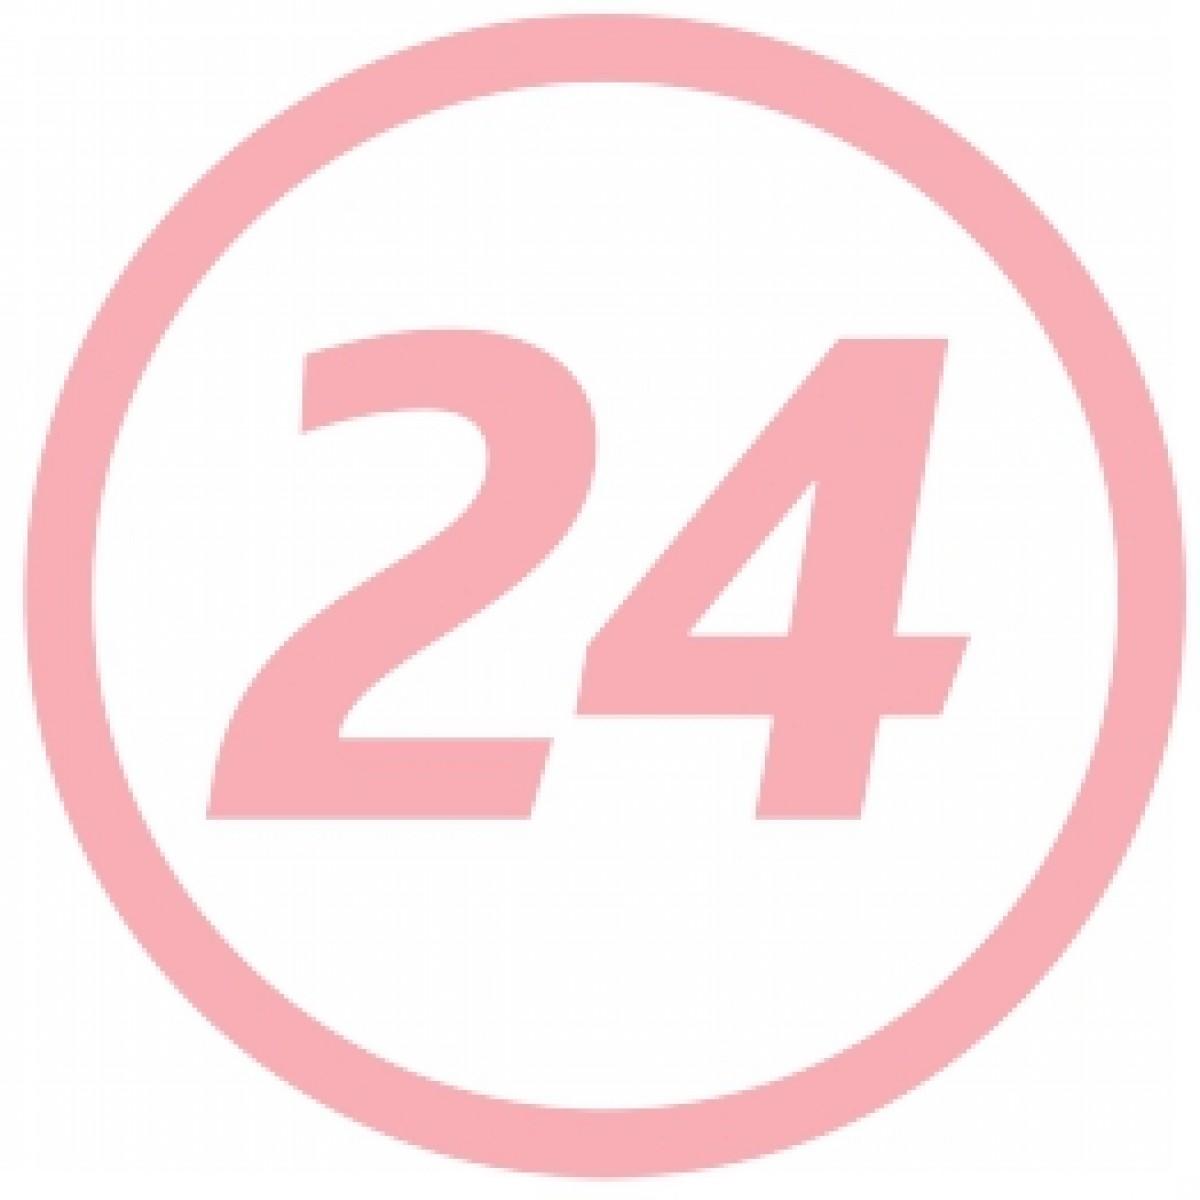 Hartmann Molicare Fixpants Chiloti Materni pentru Fixarea Tampoanelor Marimea XL, 3 buc